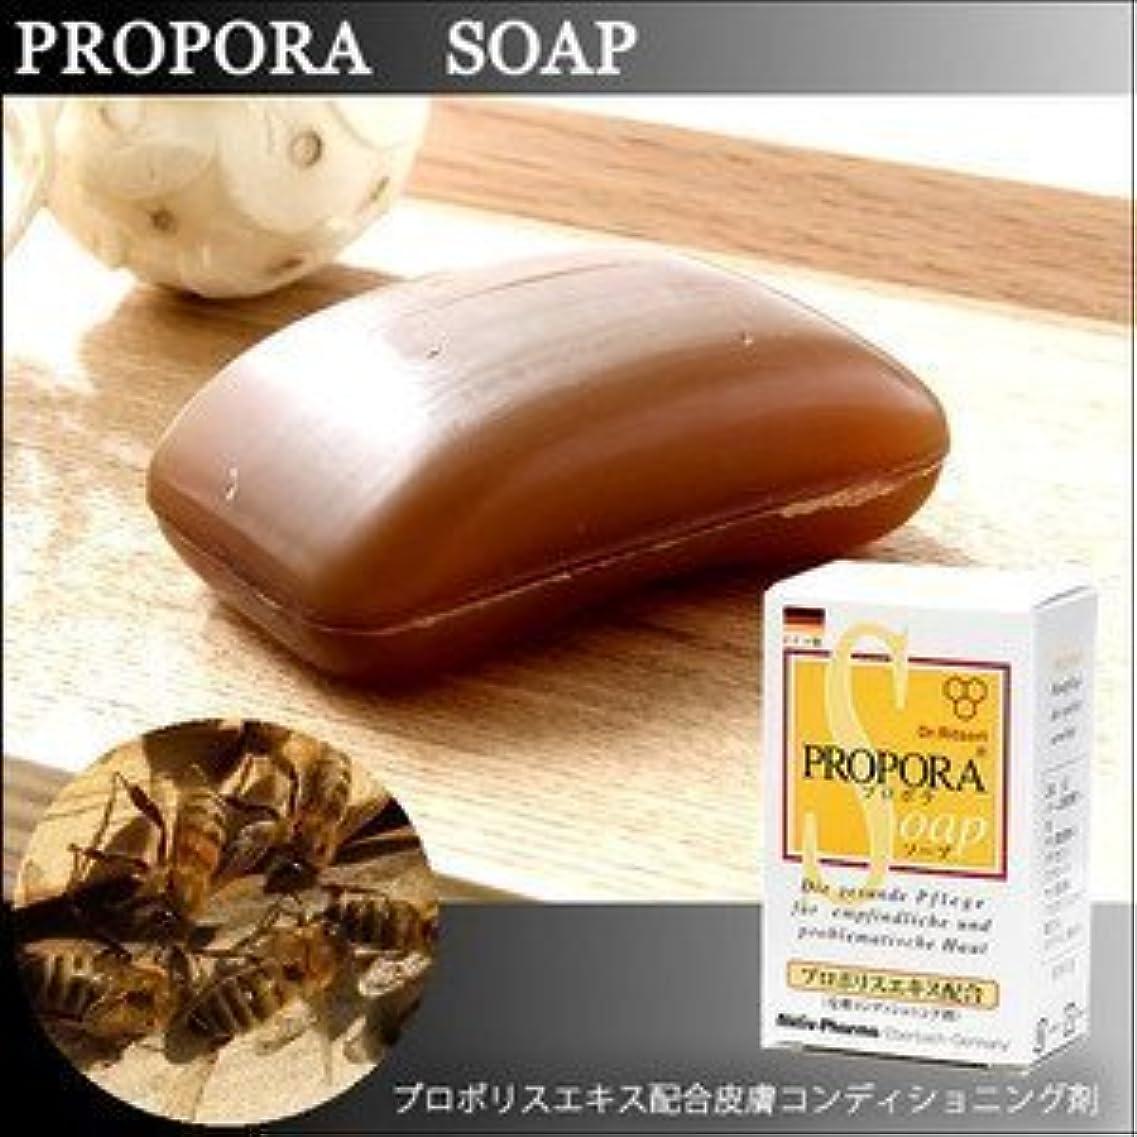 お肌にお悩みの方に 天然由来成分のみを使用したドイツ生まれのプロポラソープ